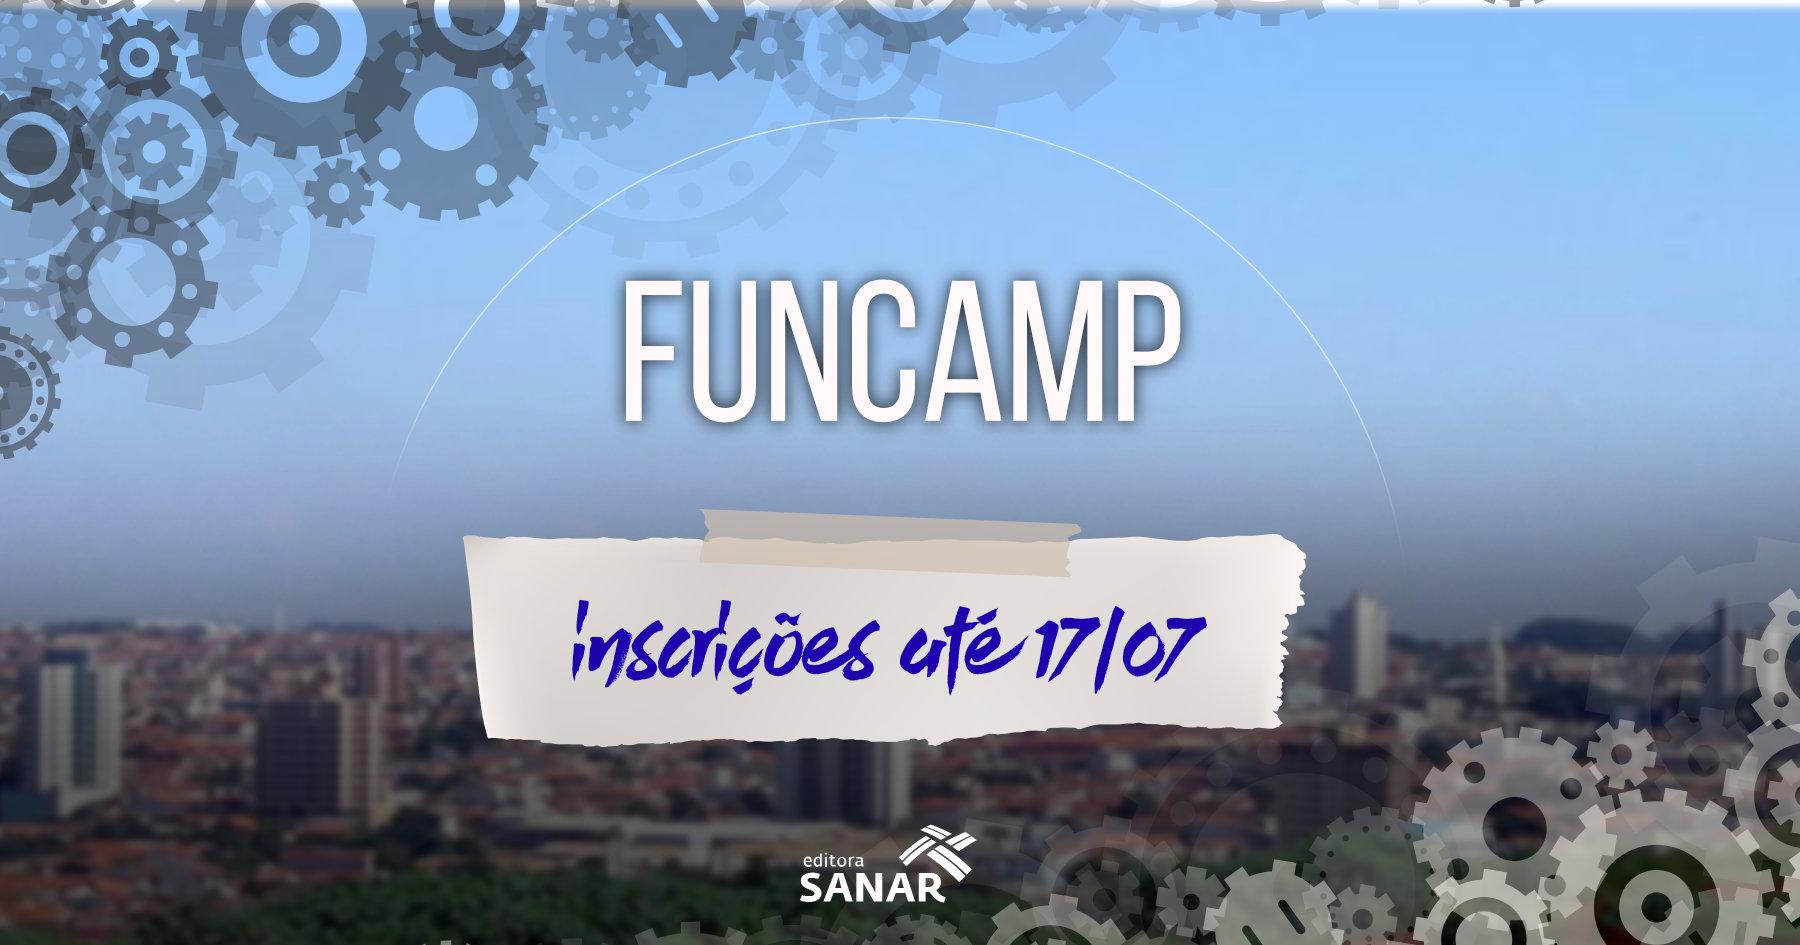 Seleção: Funcamp procura Farmacêutico